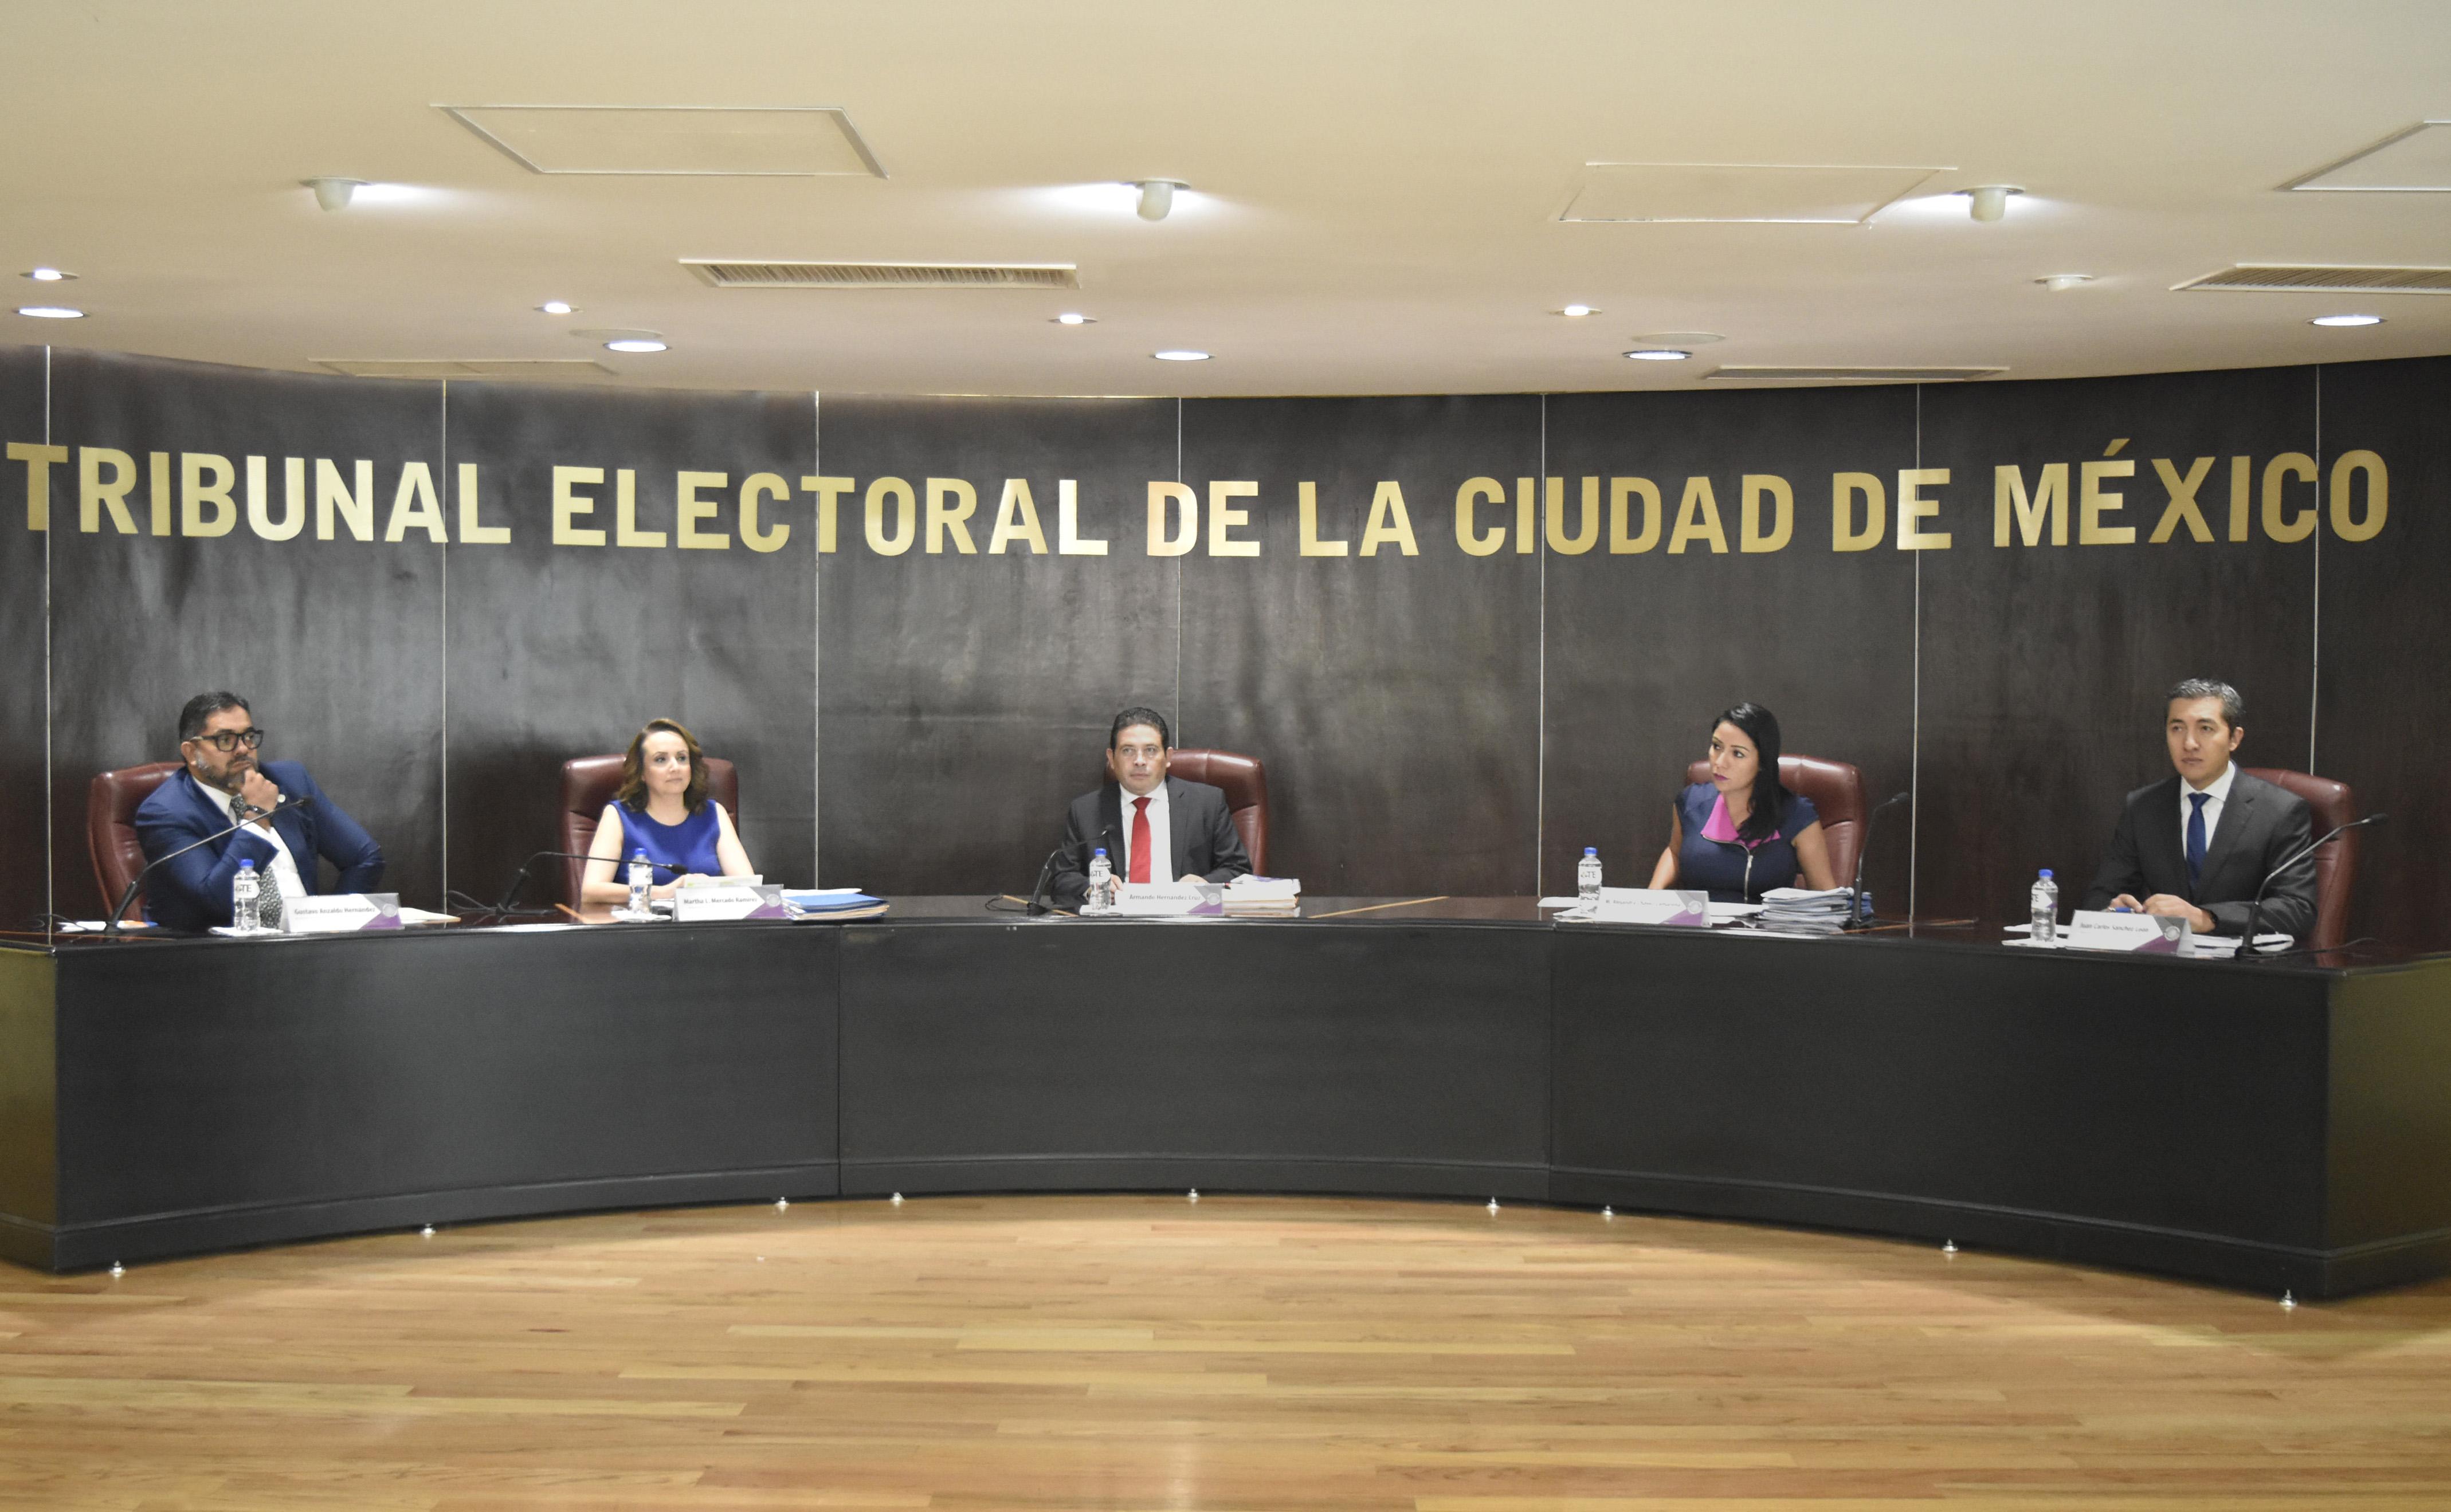 Resuelve TECDMX que no hubo infracciones a la normatividad electoral, al resolver diversos Procedimientos Especiales Sancionadores